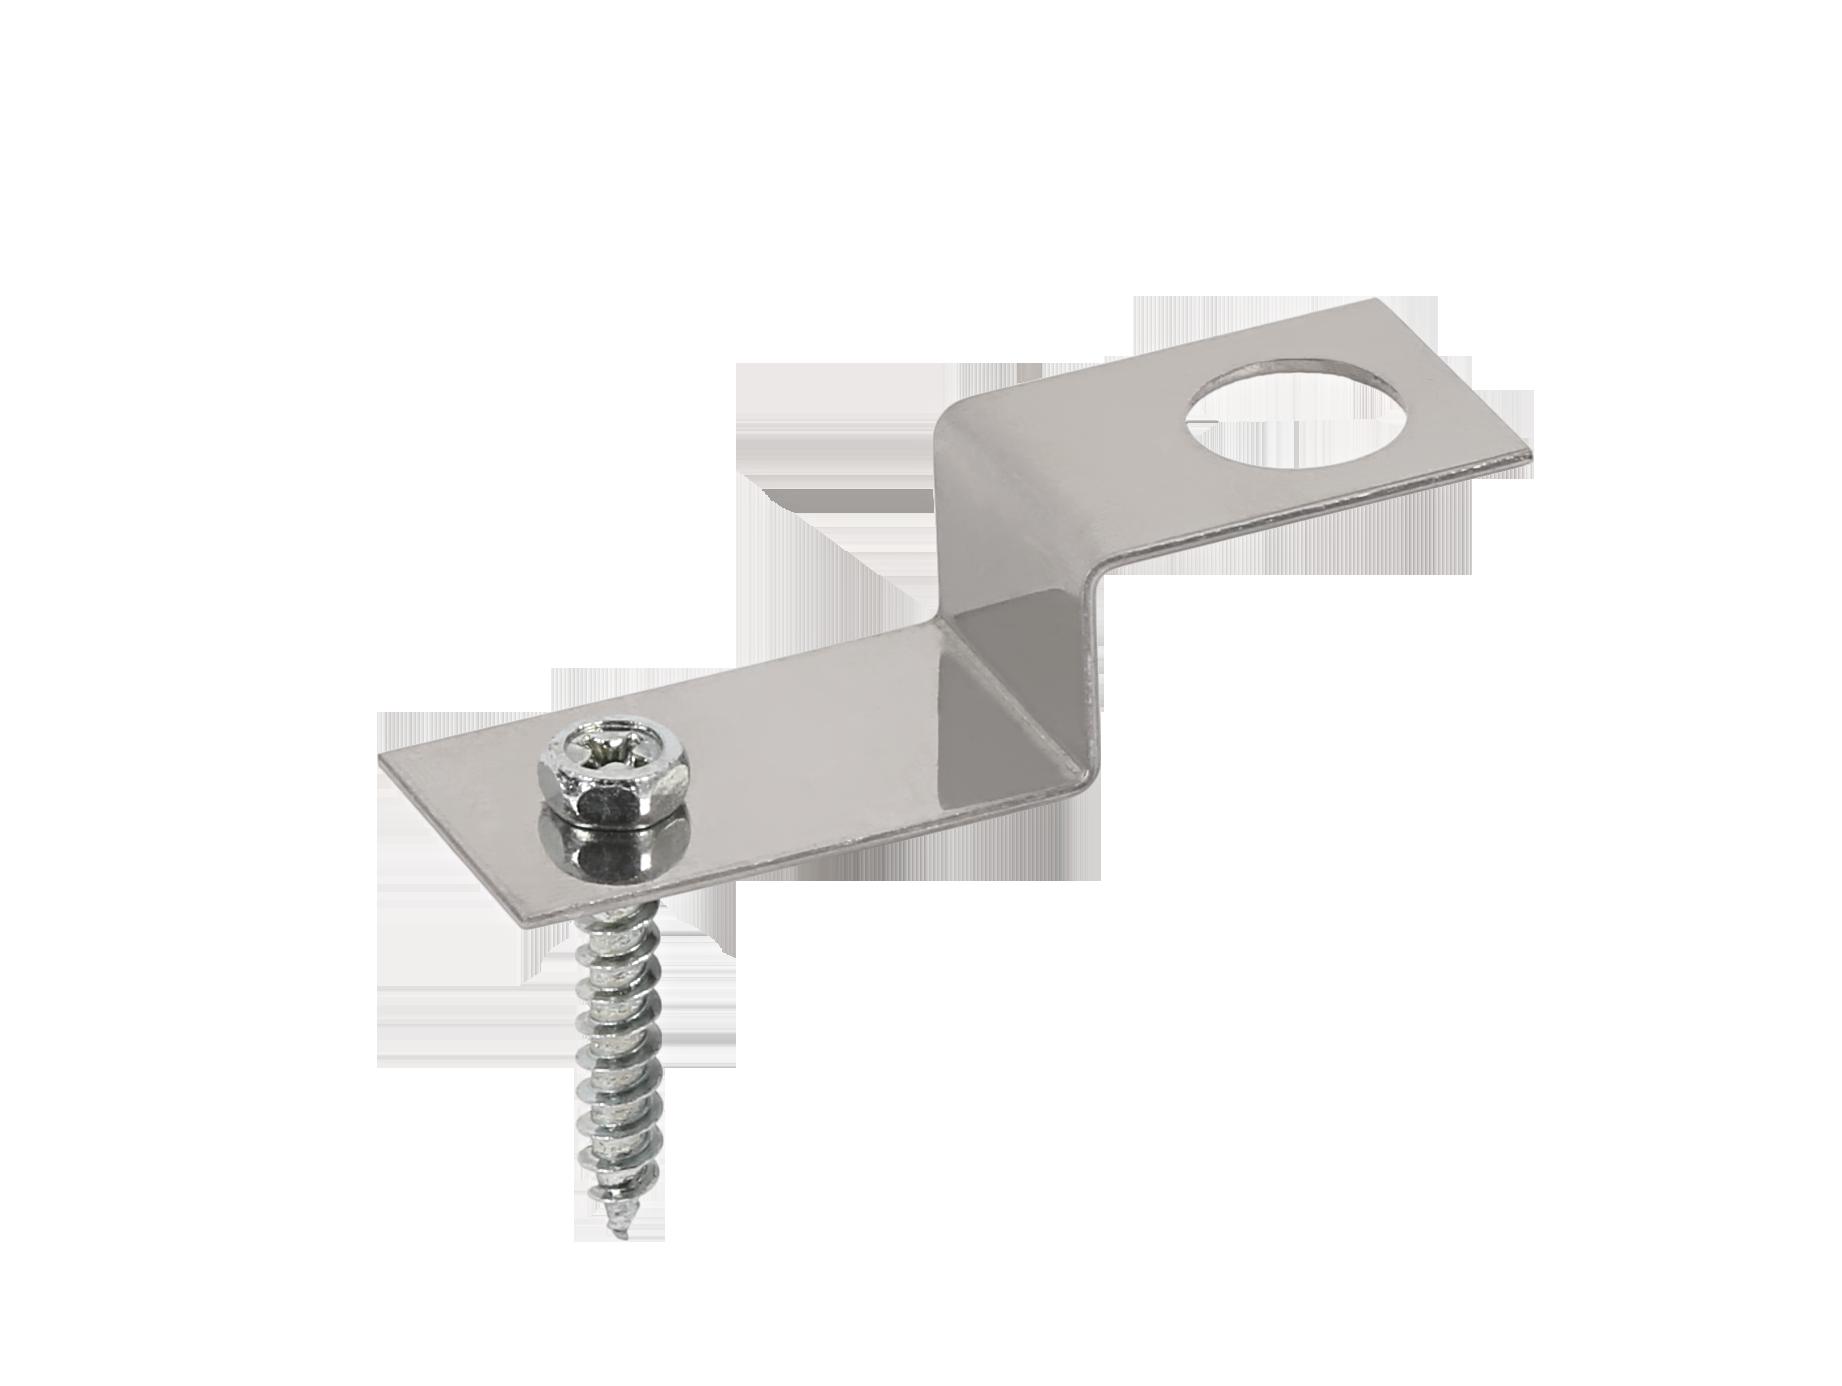 Монтажные элементы: Напольный монтажный кронштейн SAWO HP03-018 для электрокаменок в сауне или бане